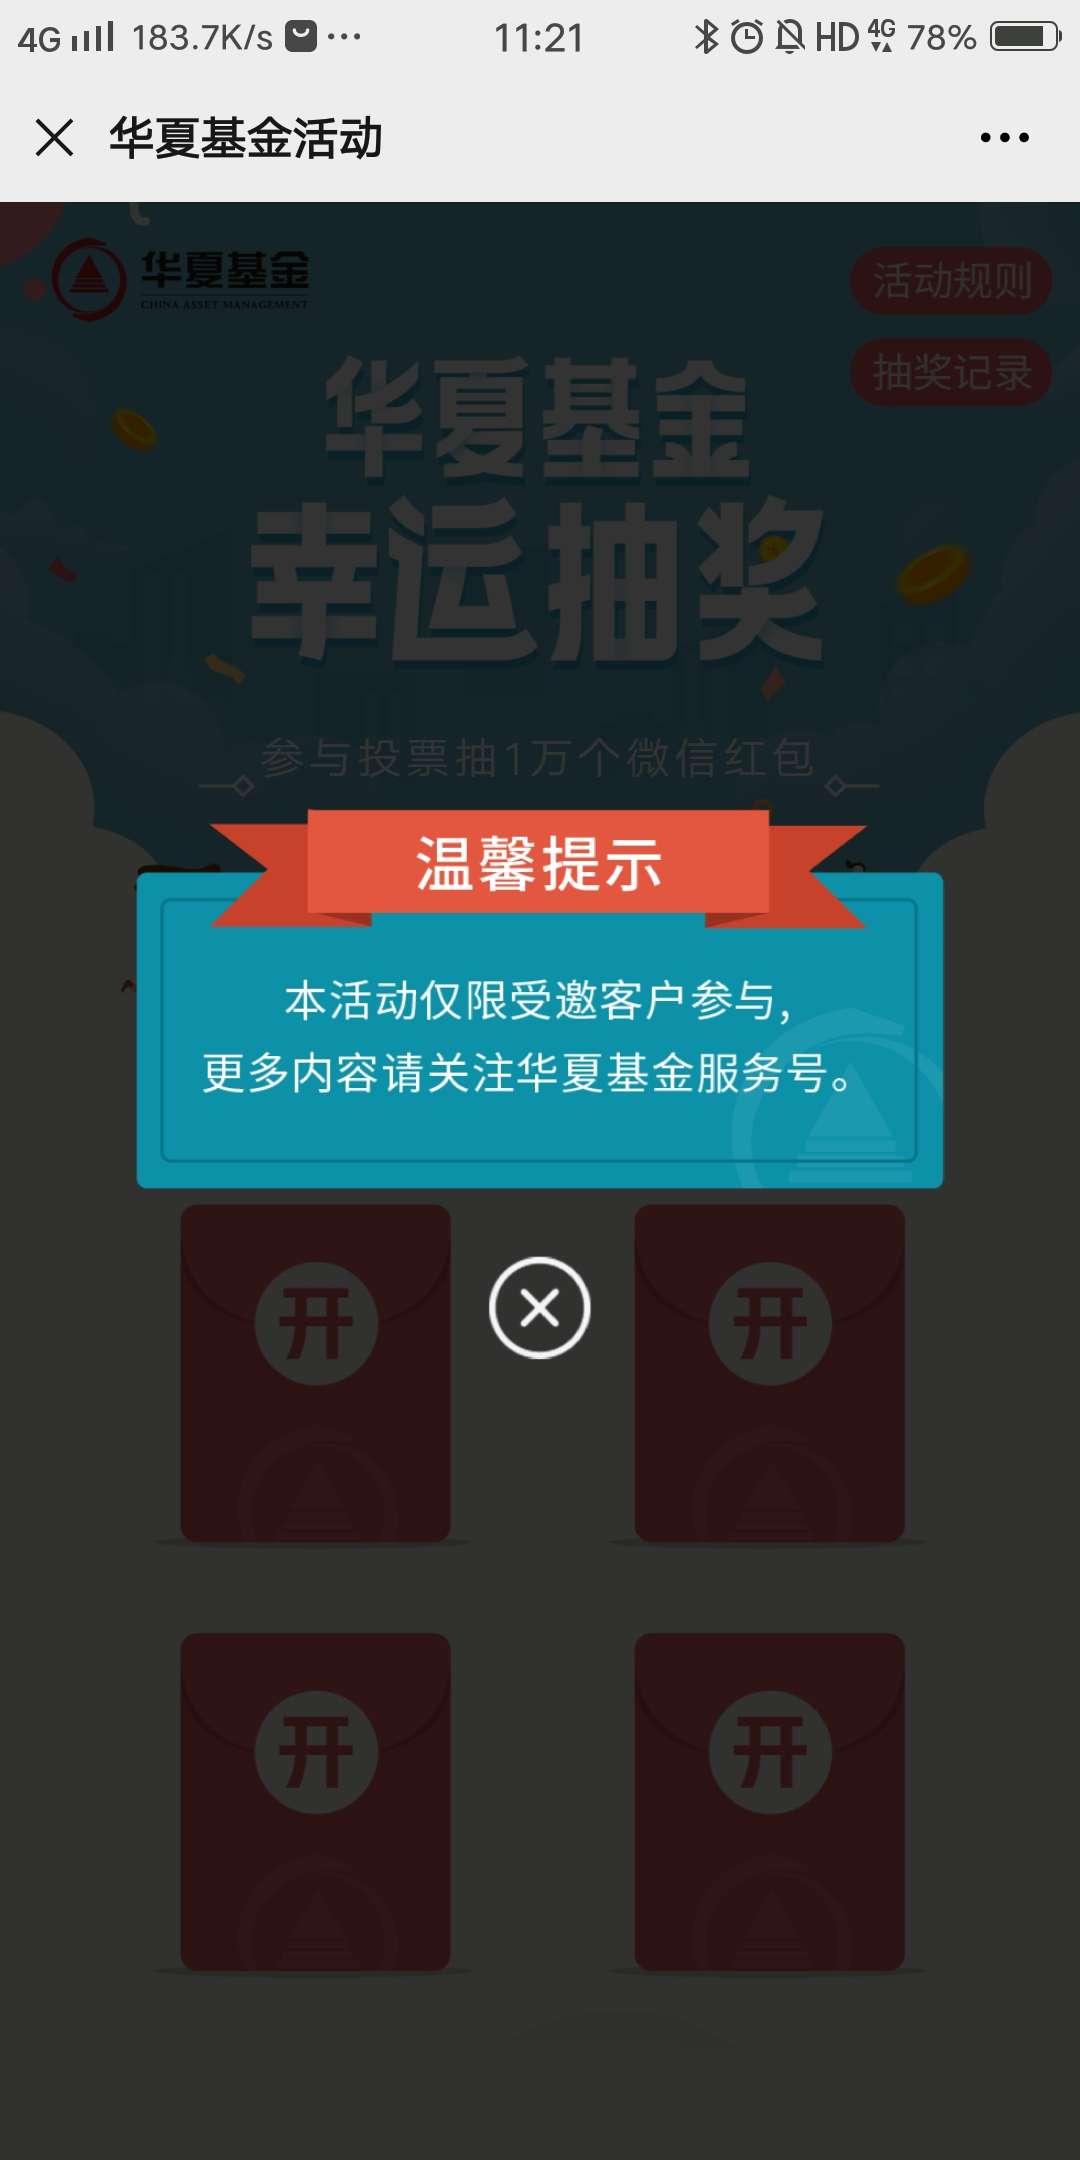 华夏基金抽红包活动插图2